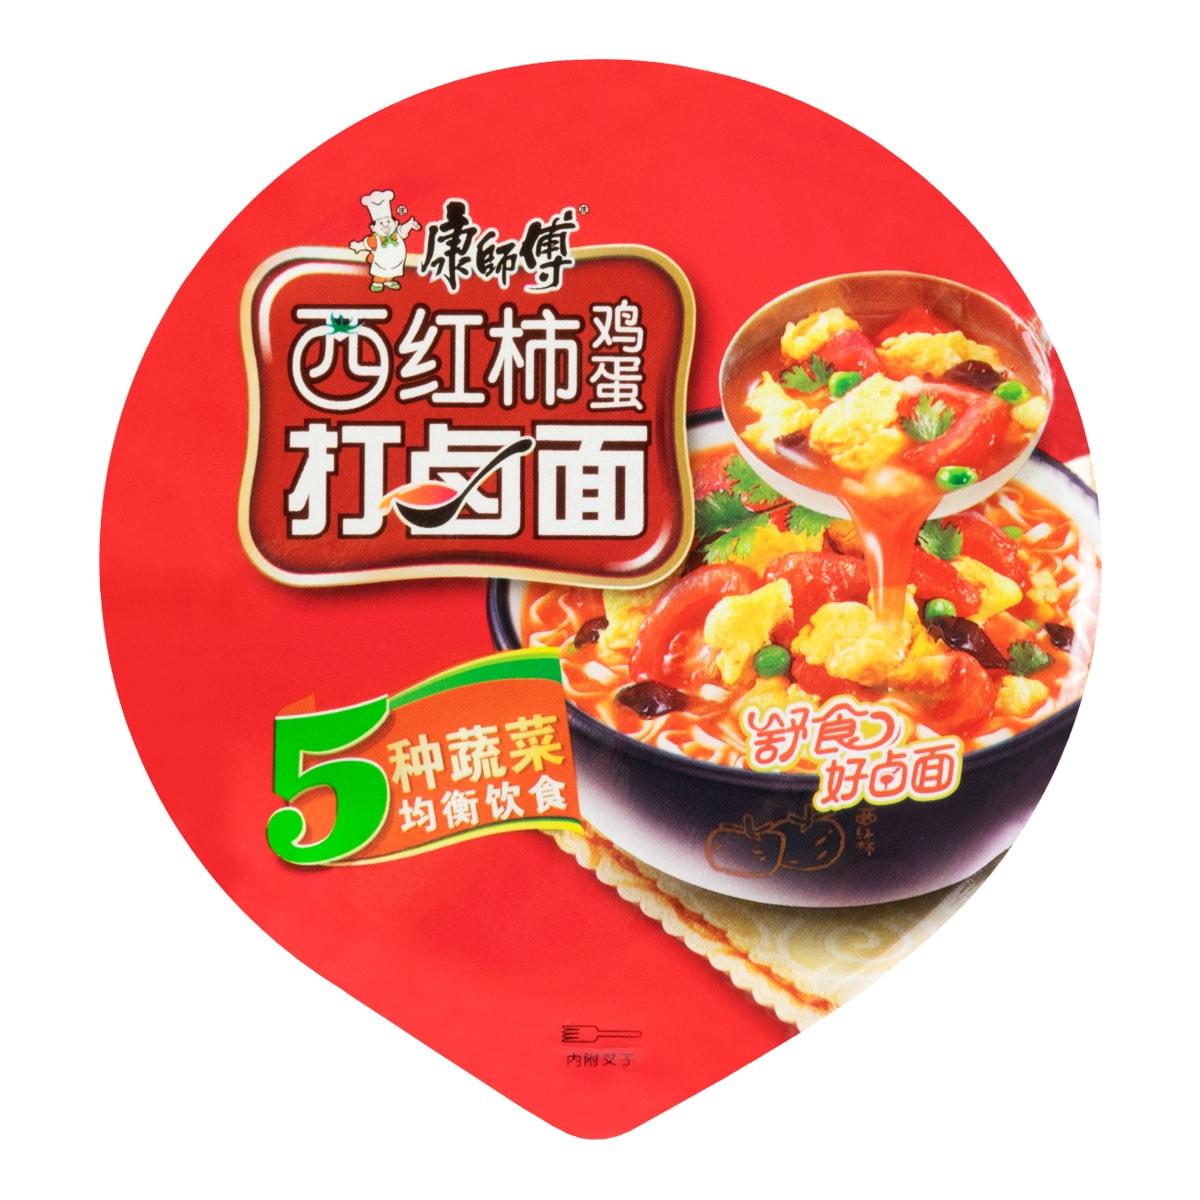 康师傅 西红柿鸡蛋打卤面 桶面 108g